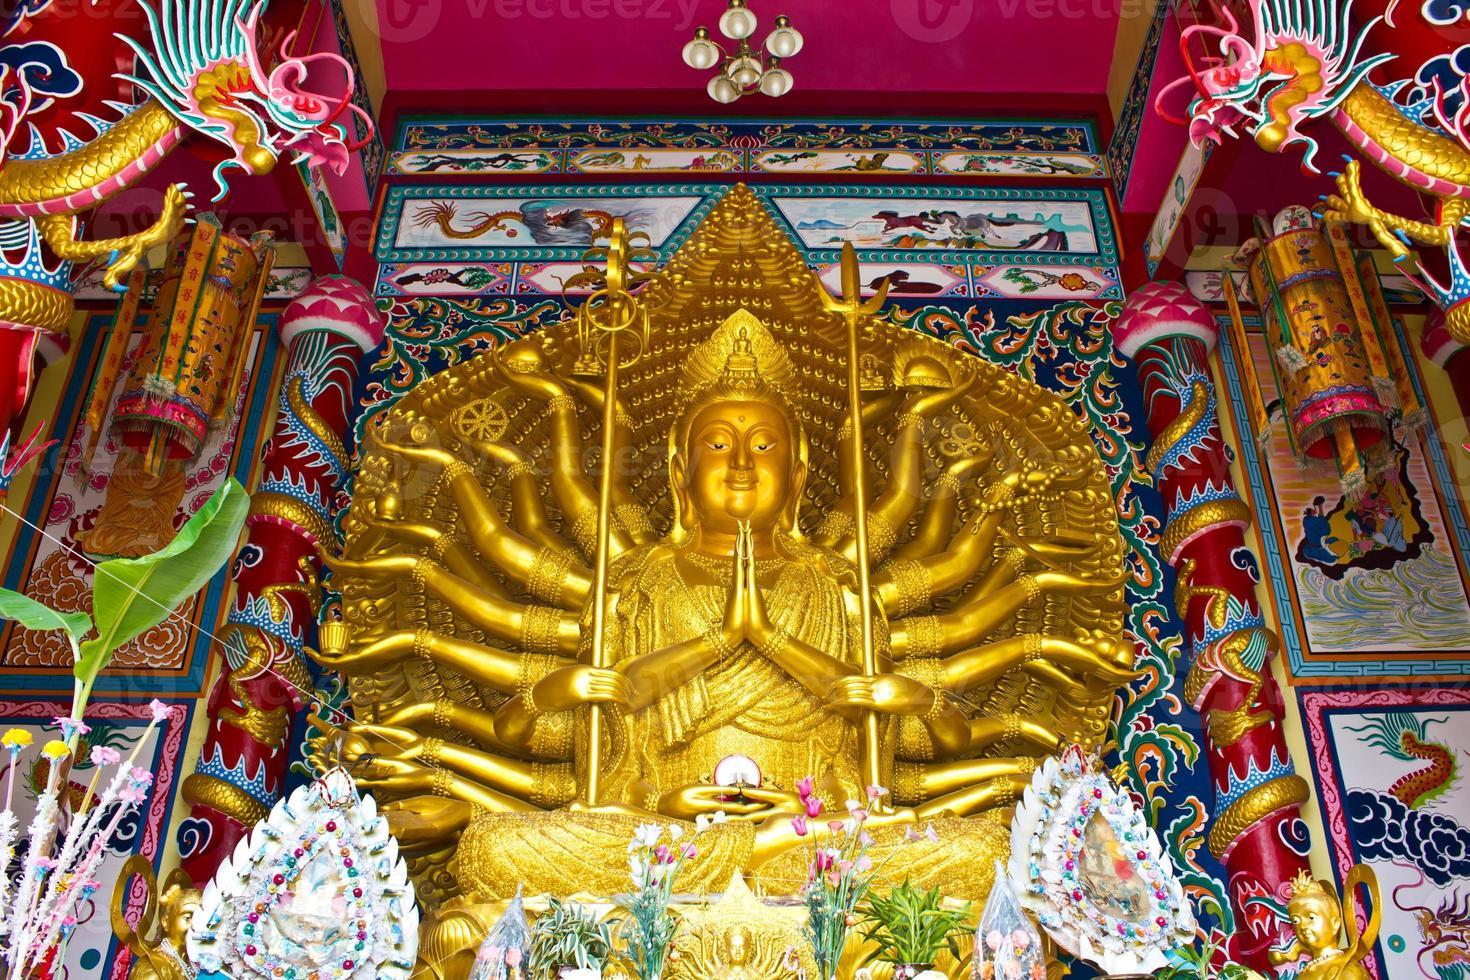 tausend Hände, u lai, höchster Gott in der chinesischen Kultur foto